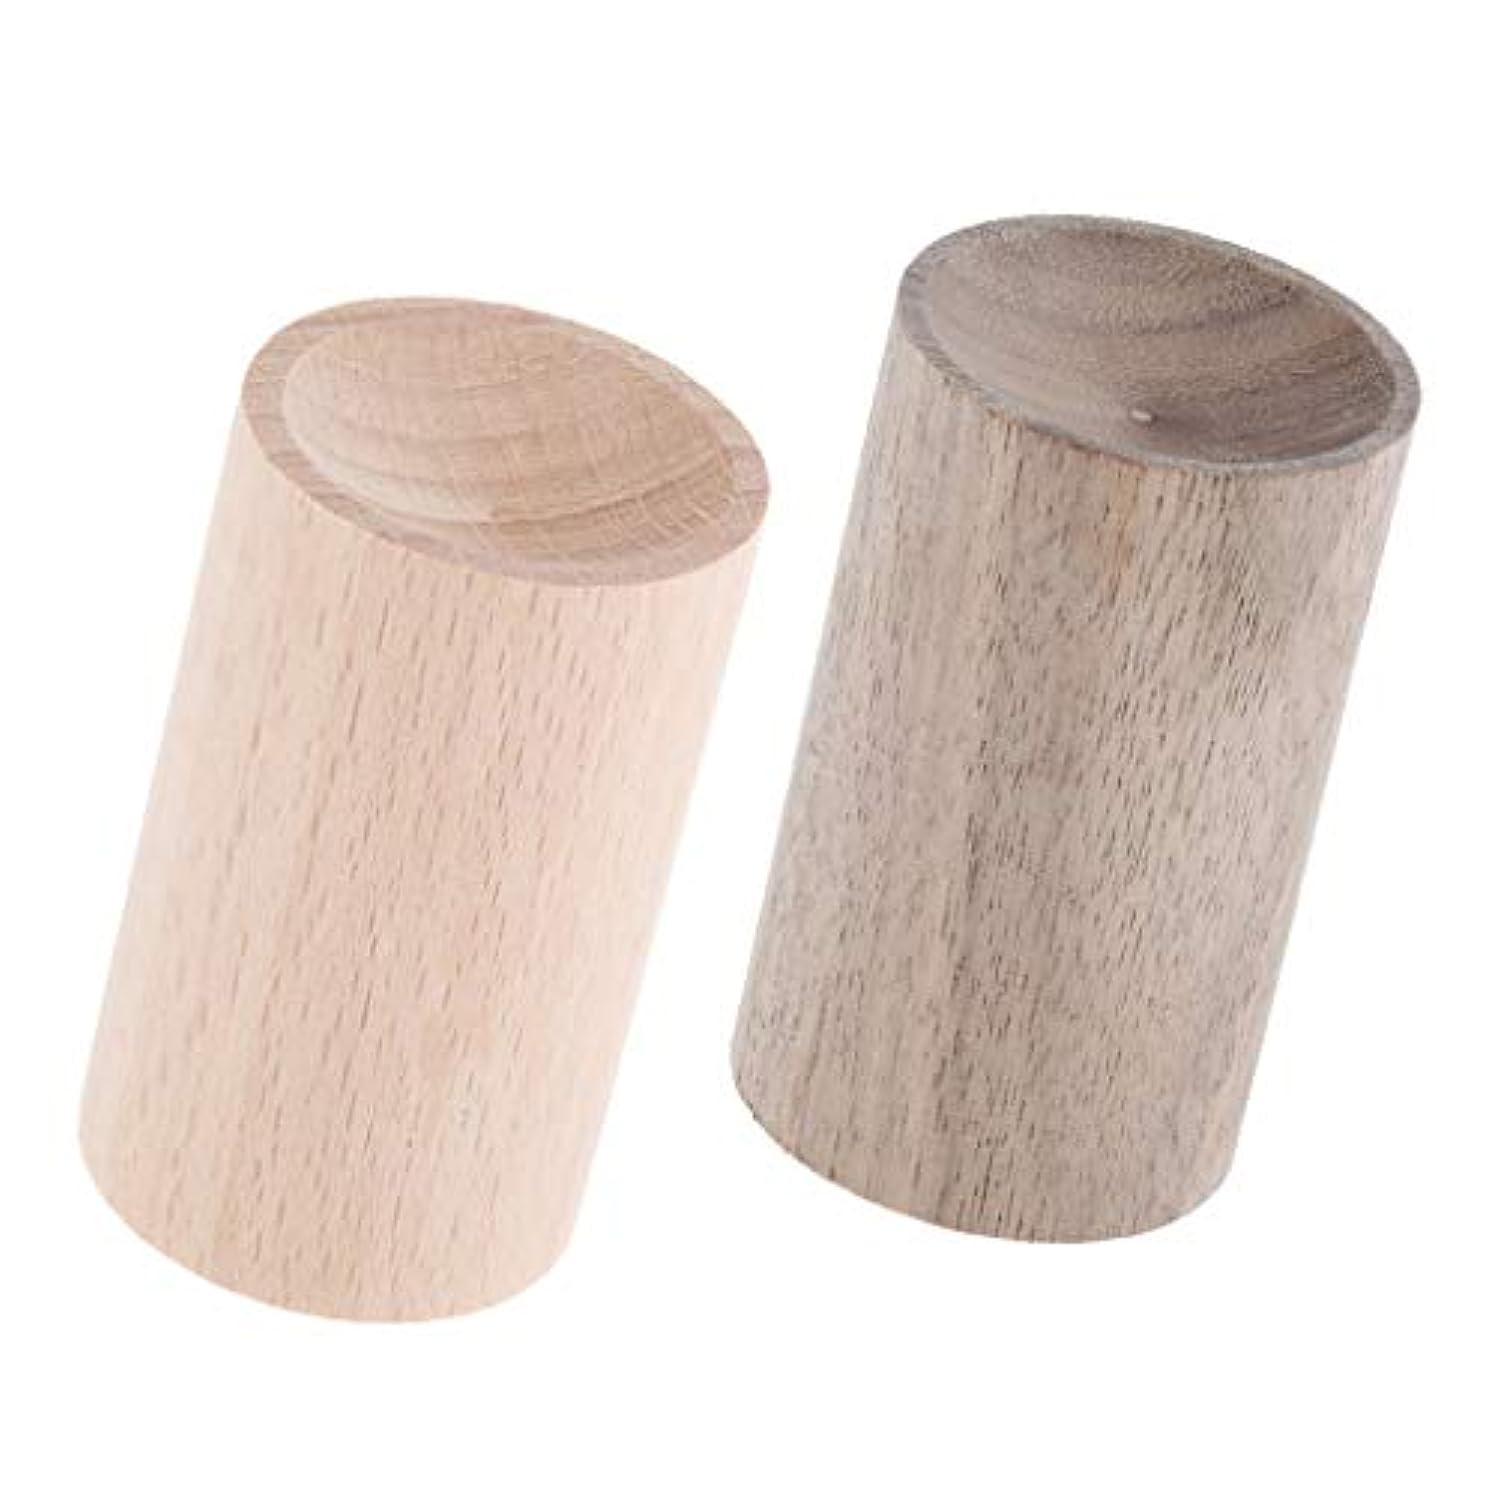 ダイヤルコースD DOLITY エッセンシャルオイルディフューザー 芳香剤 手作り 天然木 車 家 オフィス 2ピース